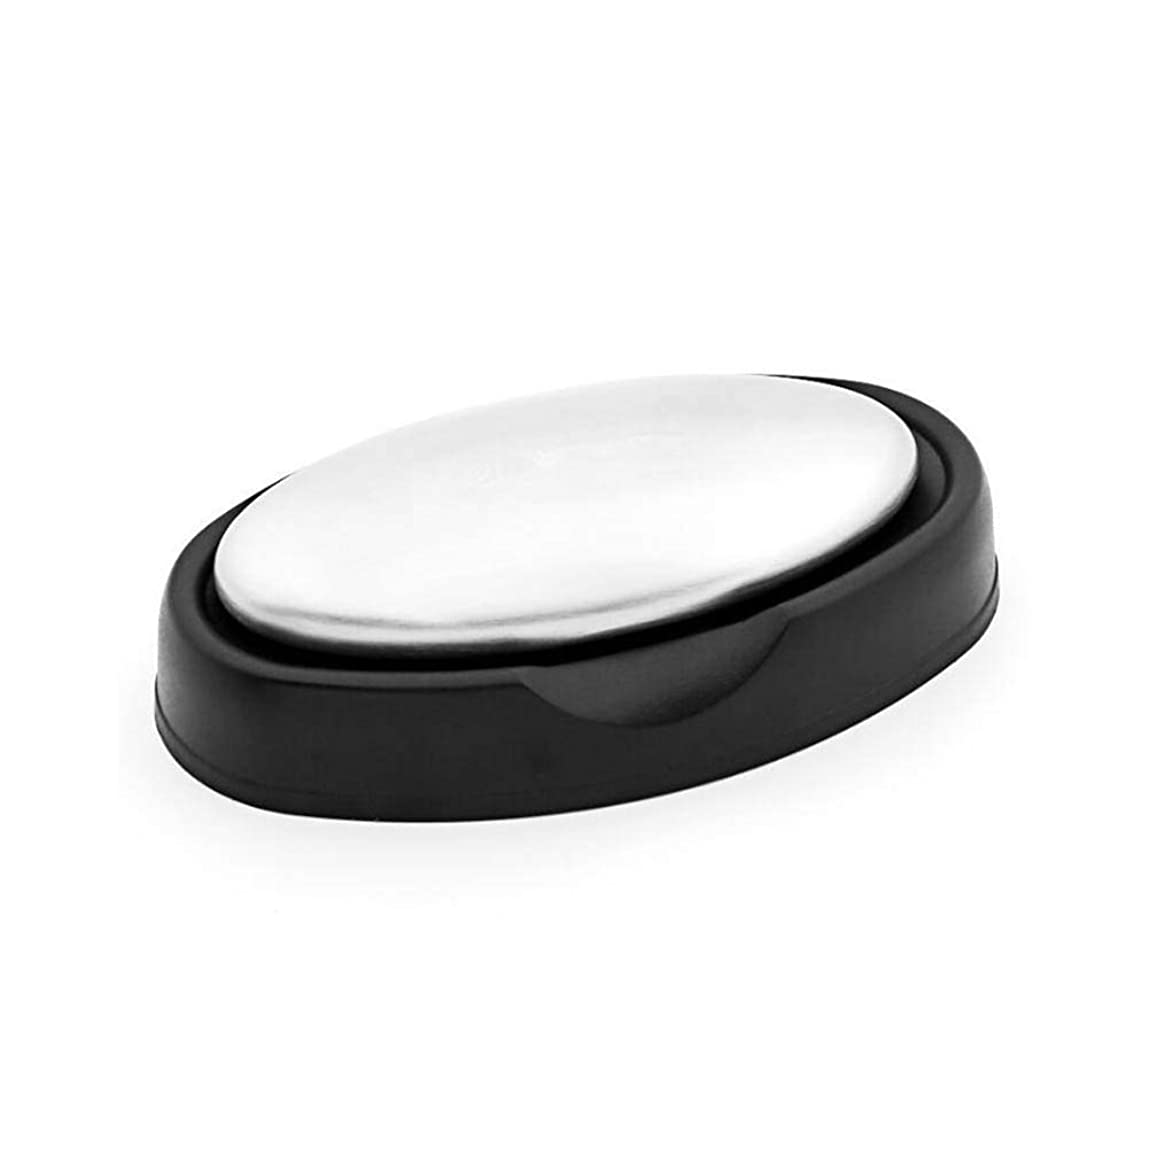 ホイッスル虹領収書Alioay ステンレスソープ ステンレス石鹸 円形 臭い取り 石鹸 魚臭を取り除く 実用的な台所用具 台座付き